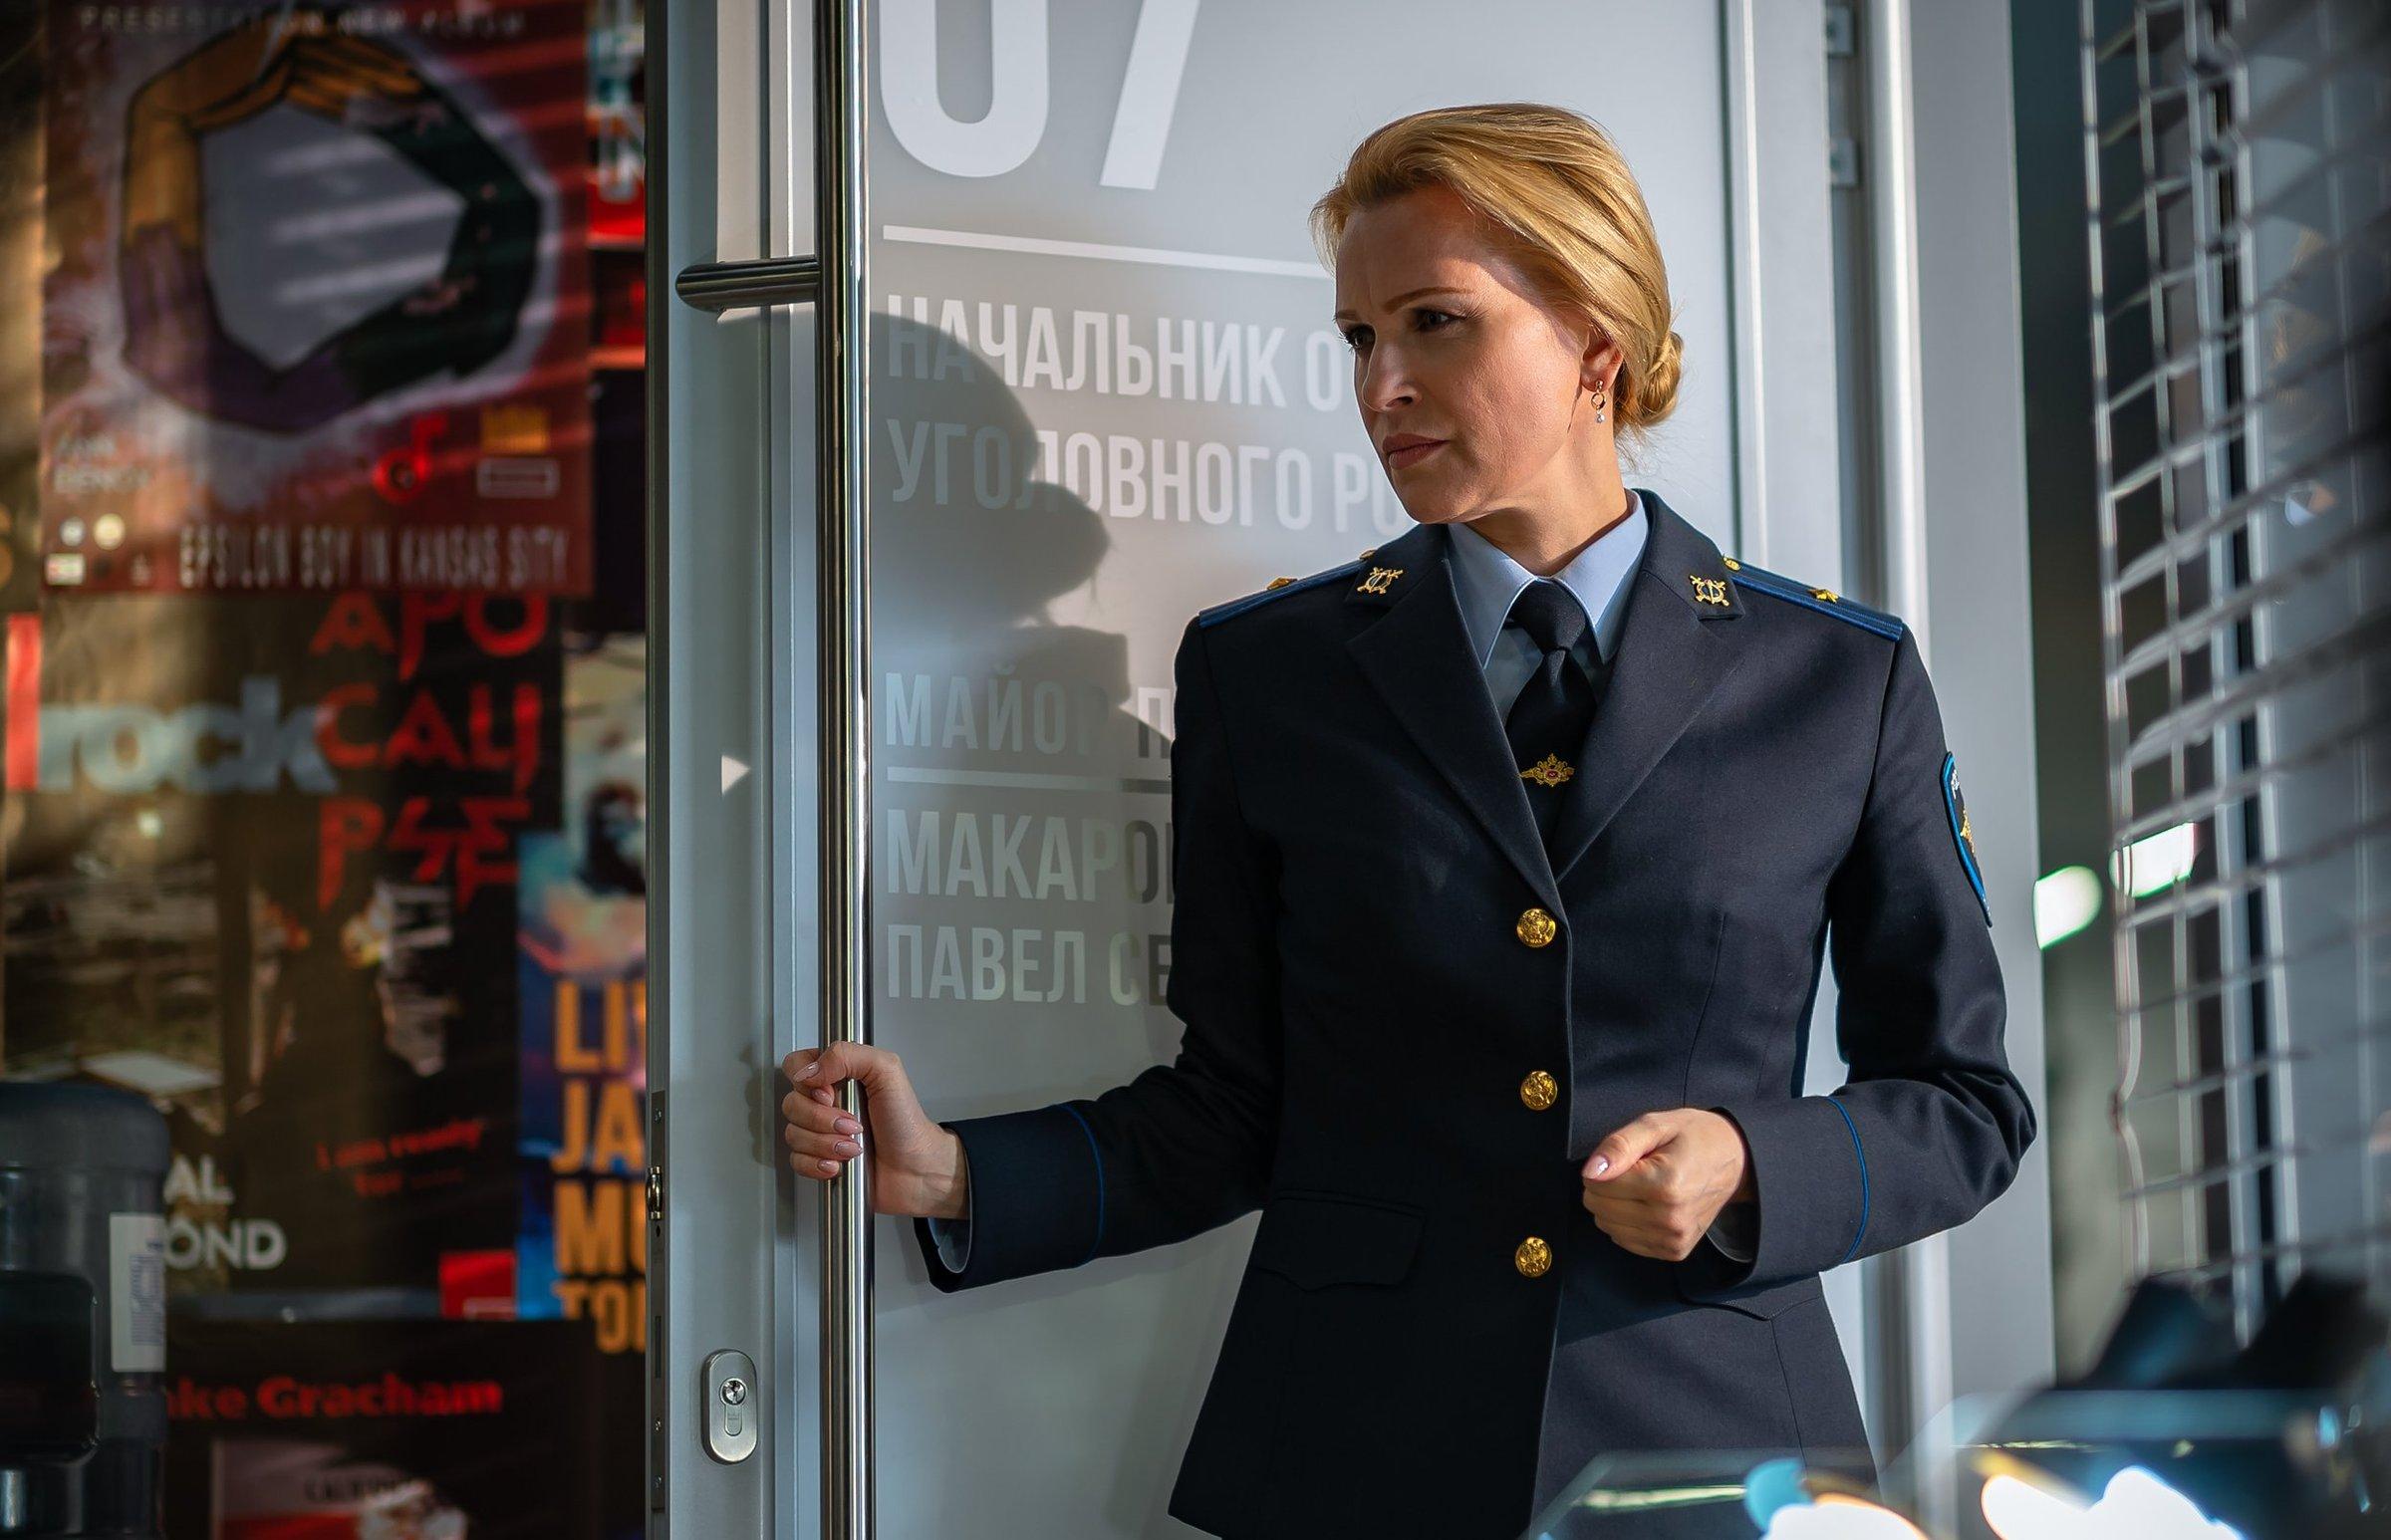 Олеся Судзиловская примерила форму на съемках нового сериала - Кино Mail.ru